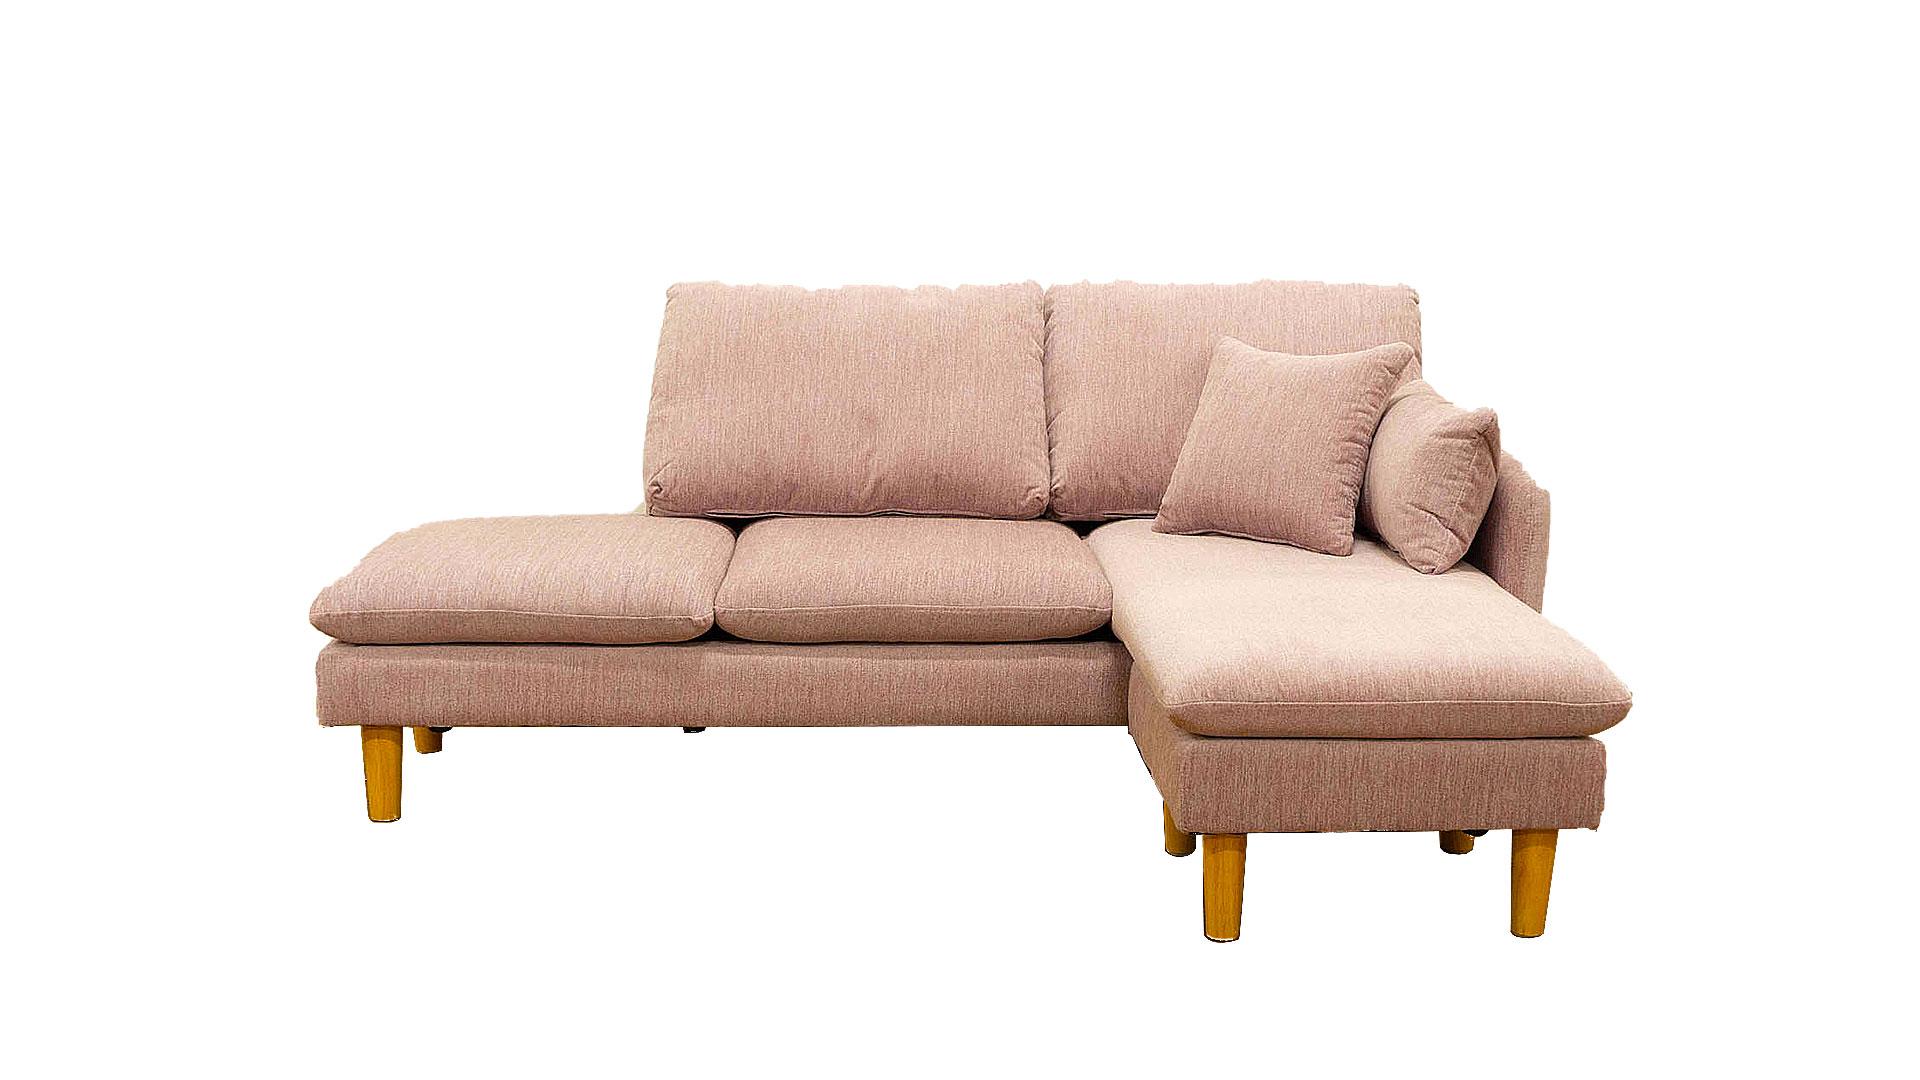 askinのソファ「スペンサー」のパステルピンク色を正面から撮った画像